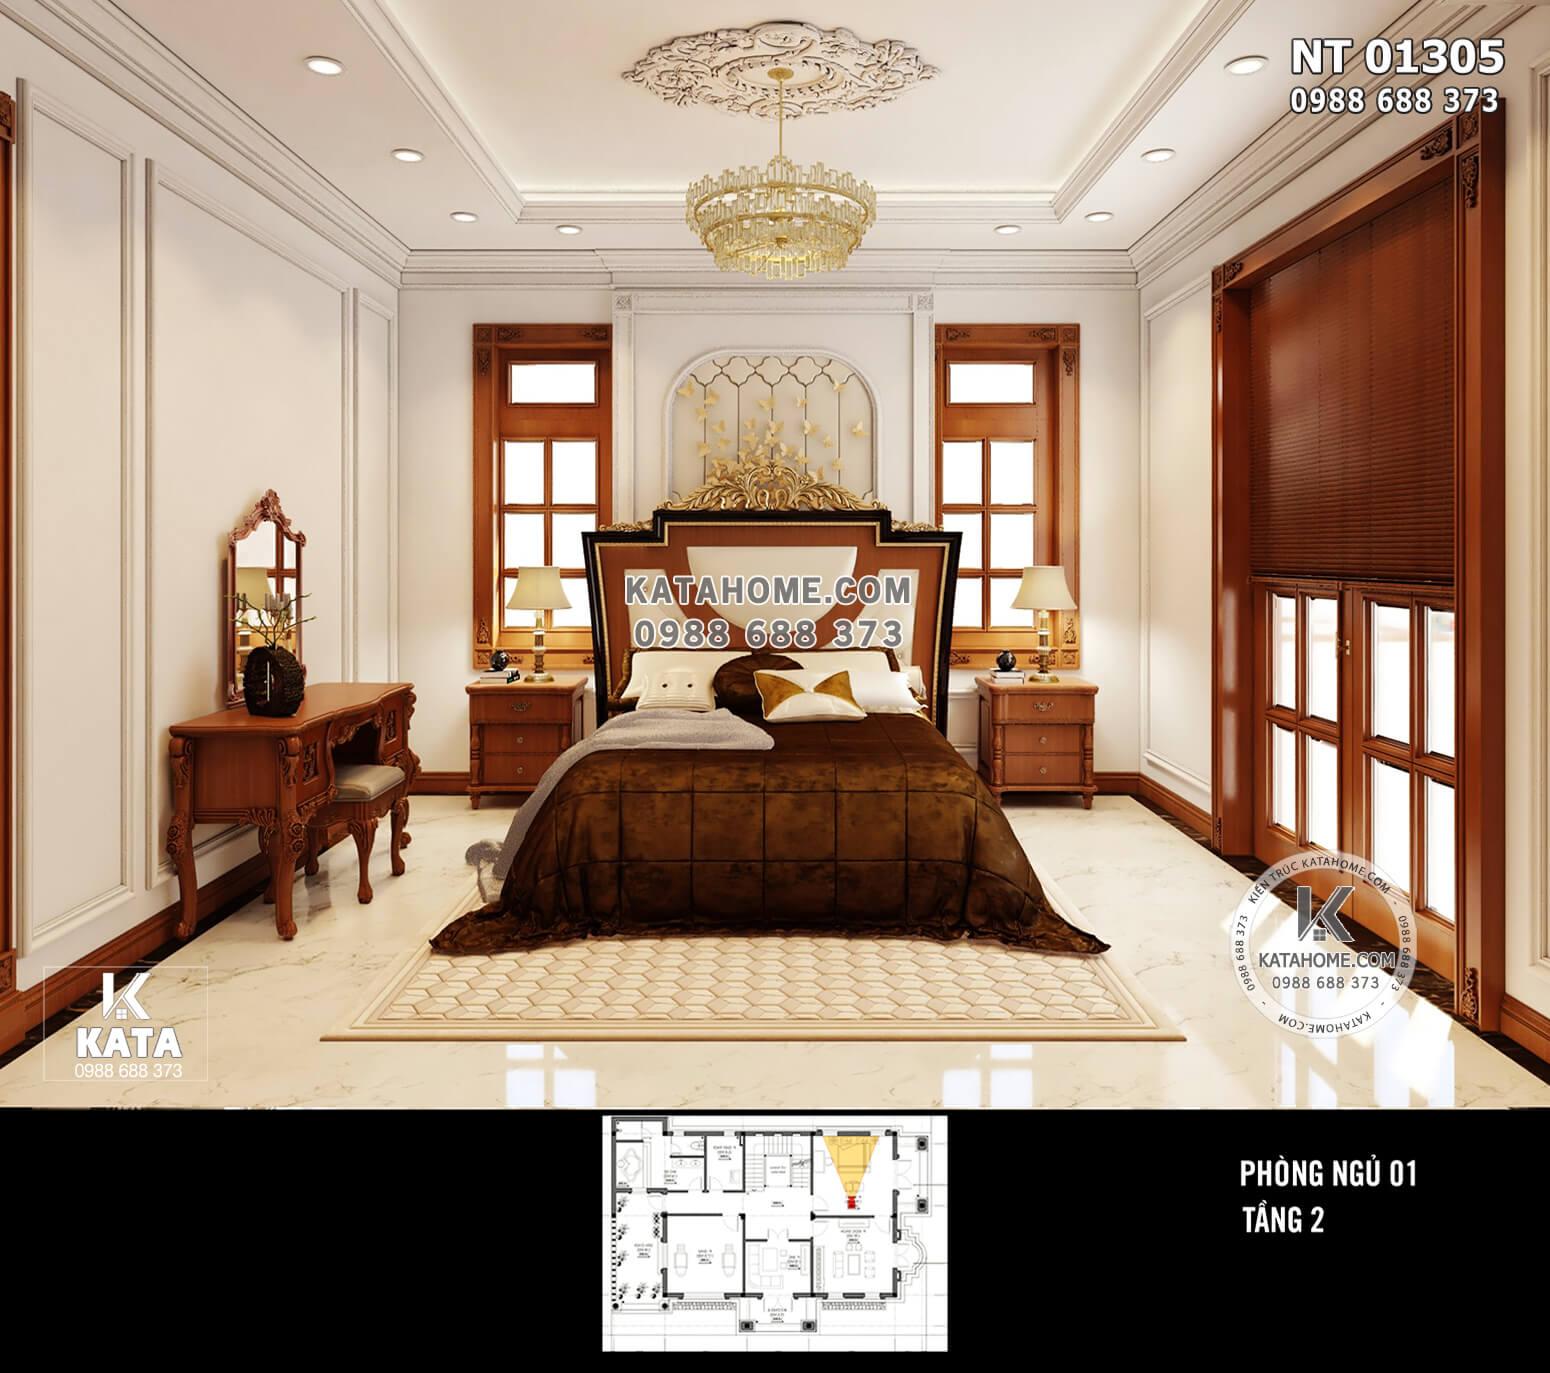 Hình ảnh: Không gian phòng ngủ 1 ở trên tầng 2